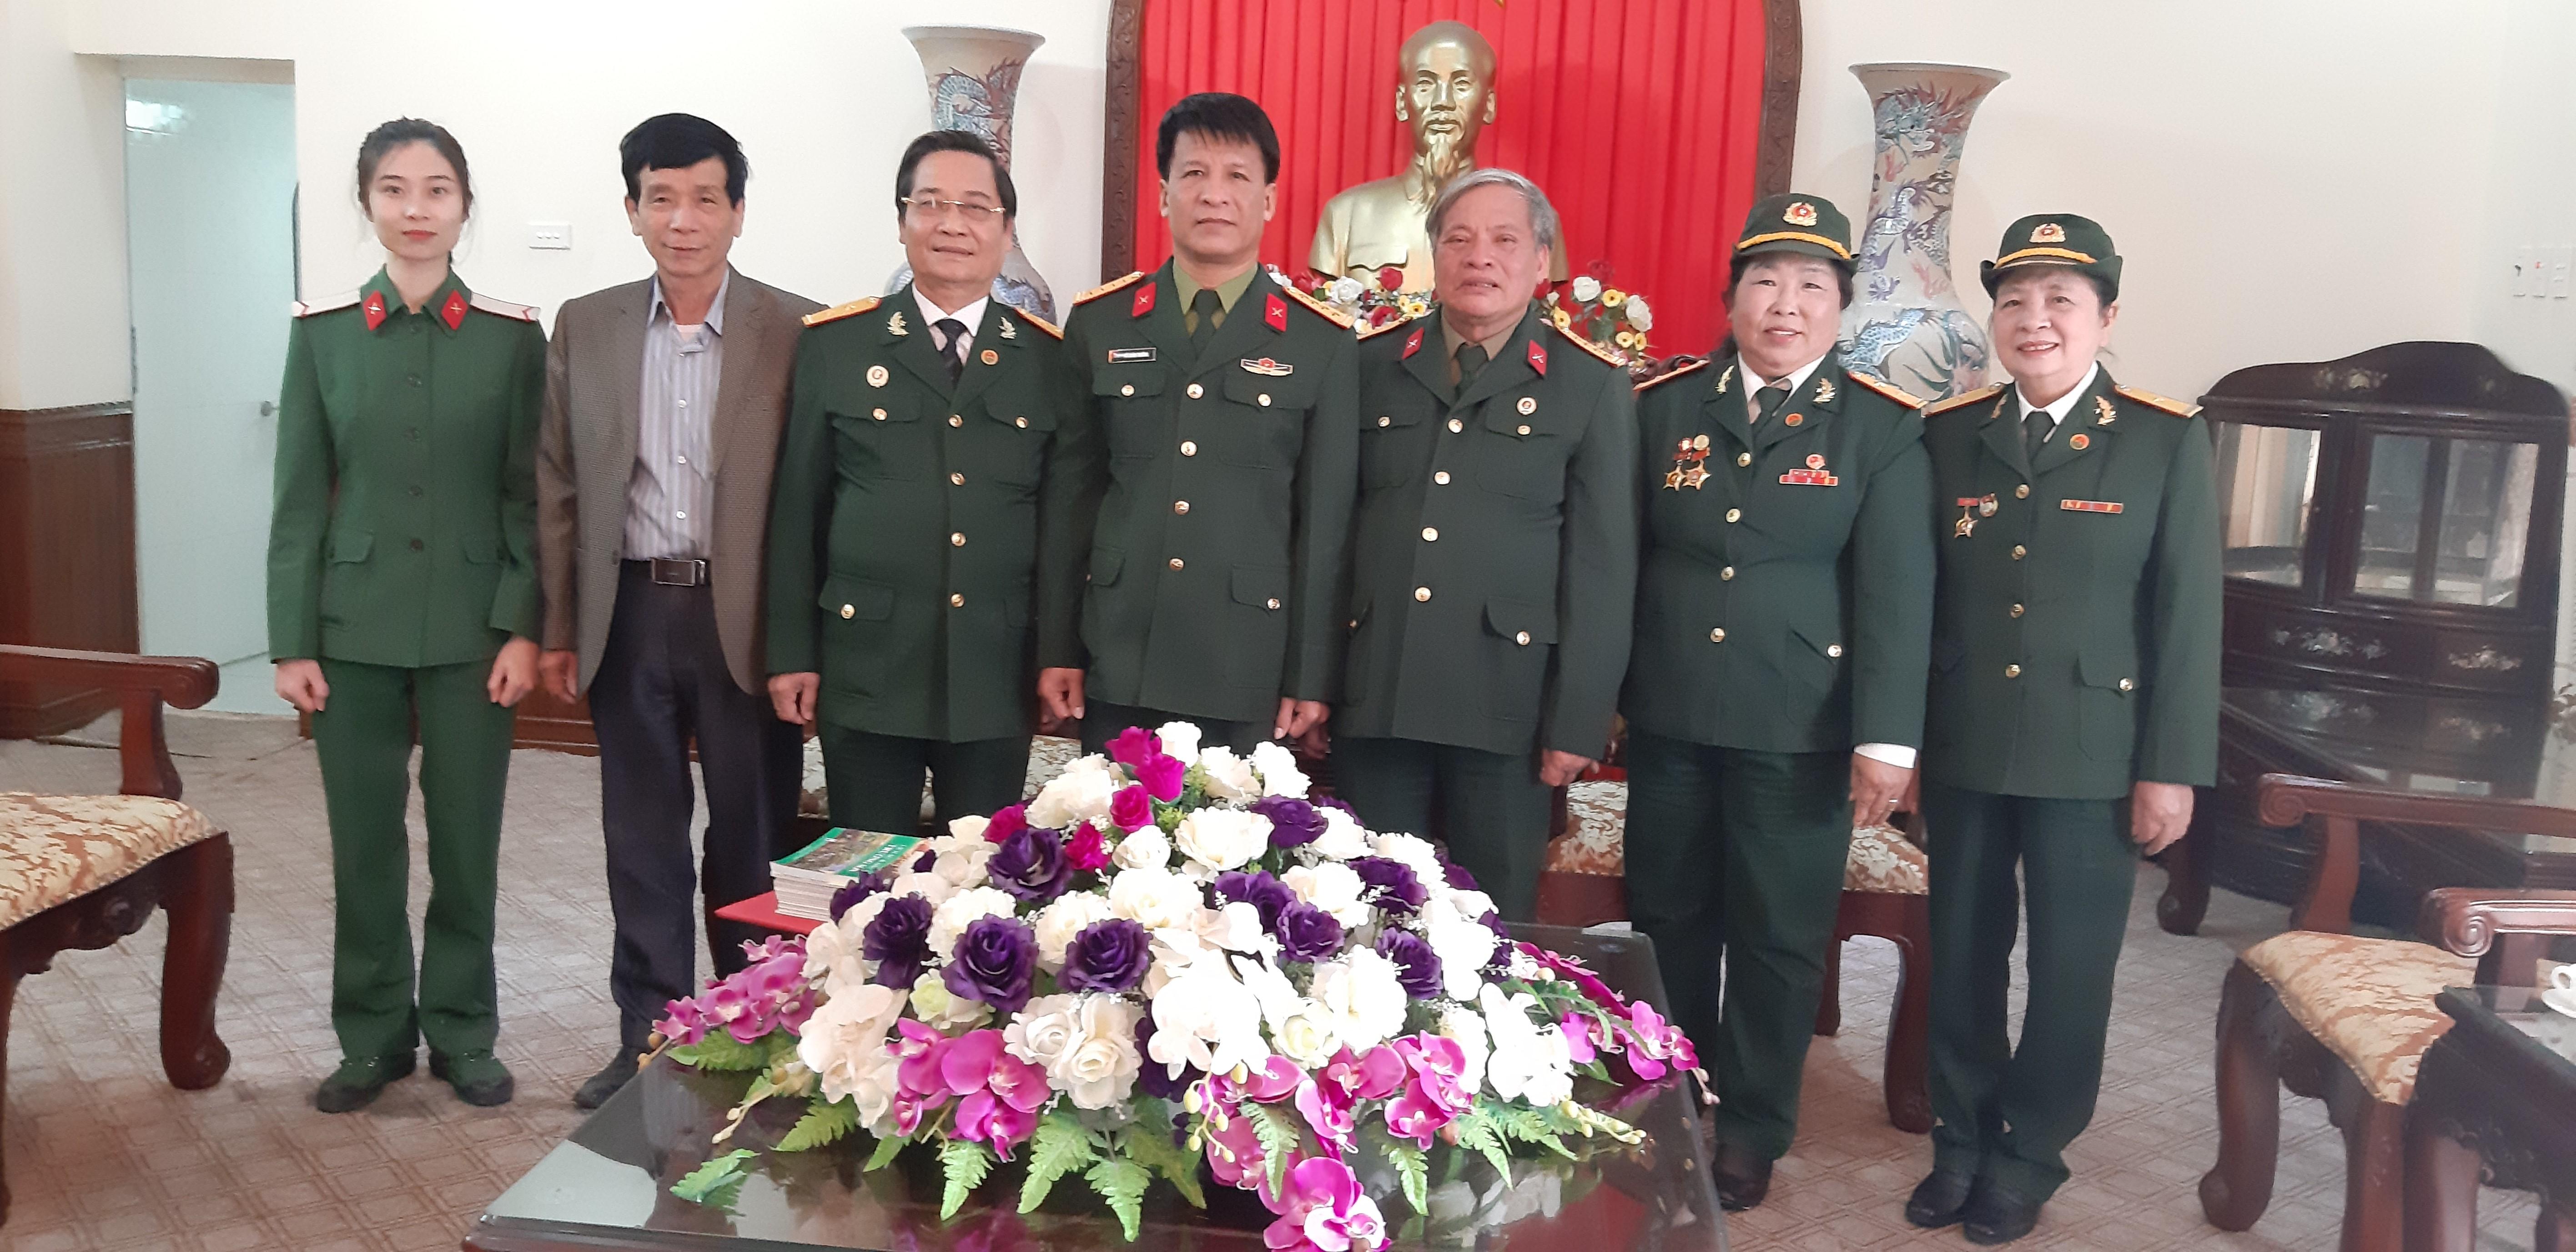 Hội Trường Sơn Nam Định làm việc với Ban Tuyên giáo Tỉnh ủy  và Tỉnh đội về kỷ niệm 60 năm ngày mở đường Hồ Chí Minh